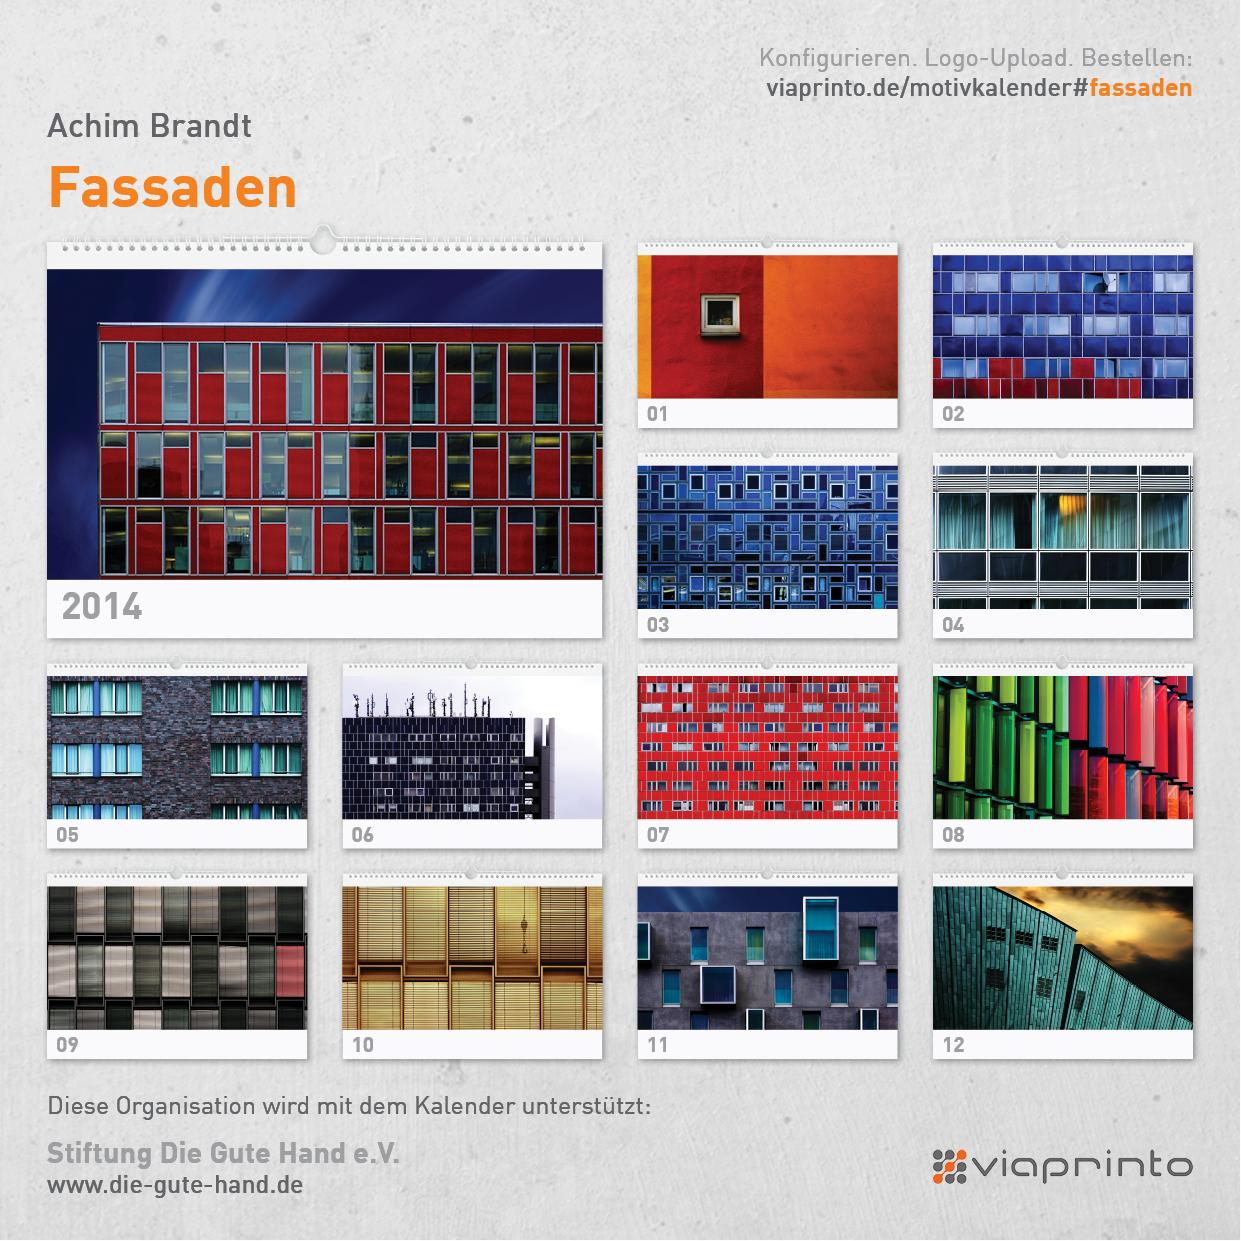 https://www.viaprinto.de/motivkalender#/fassaden